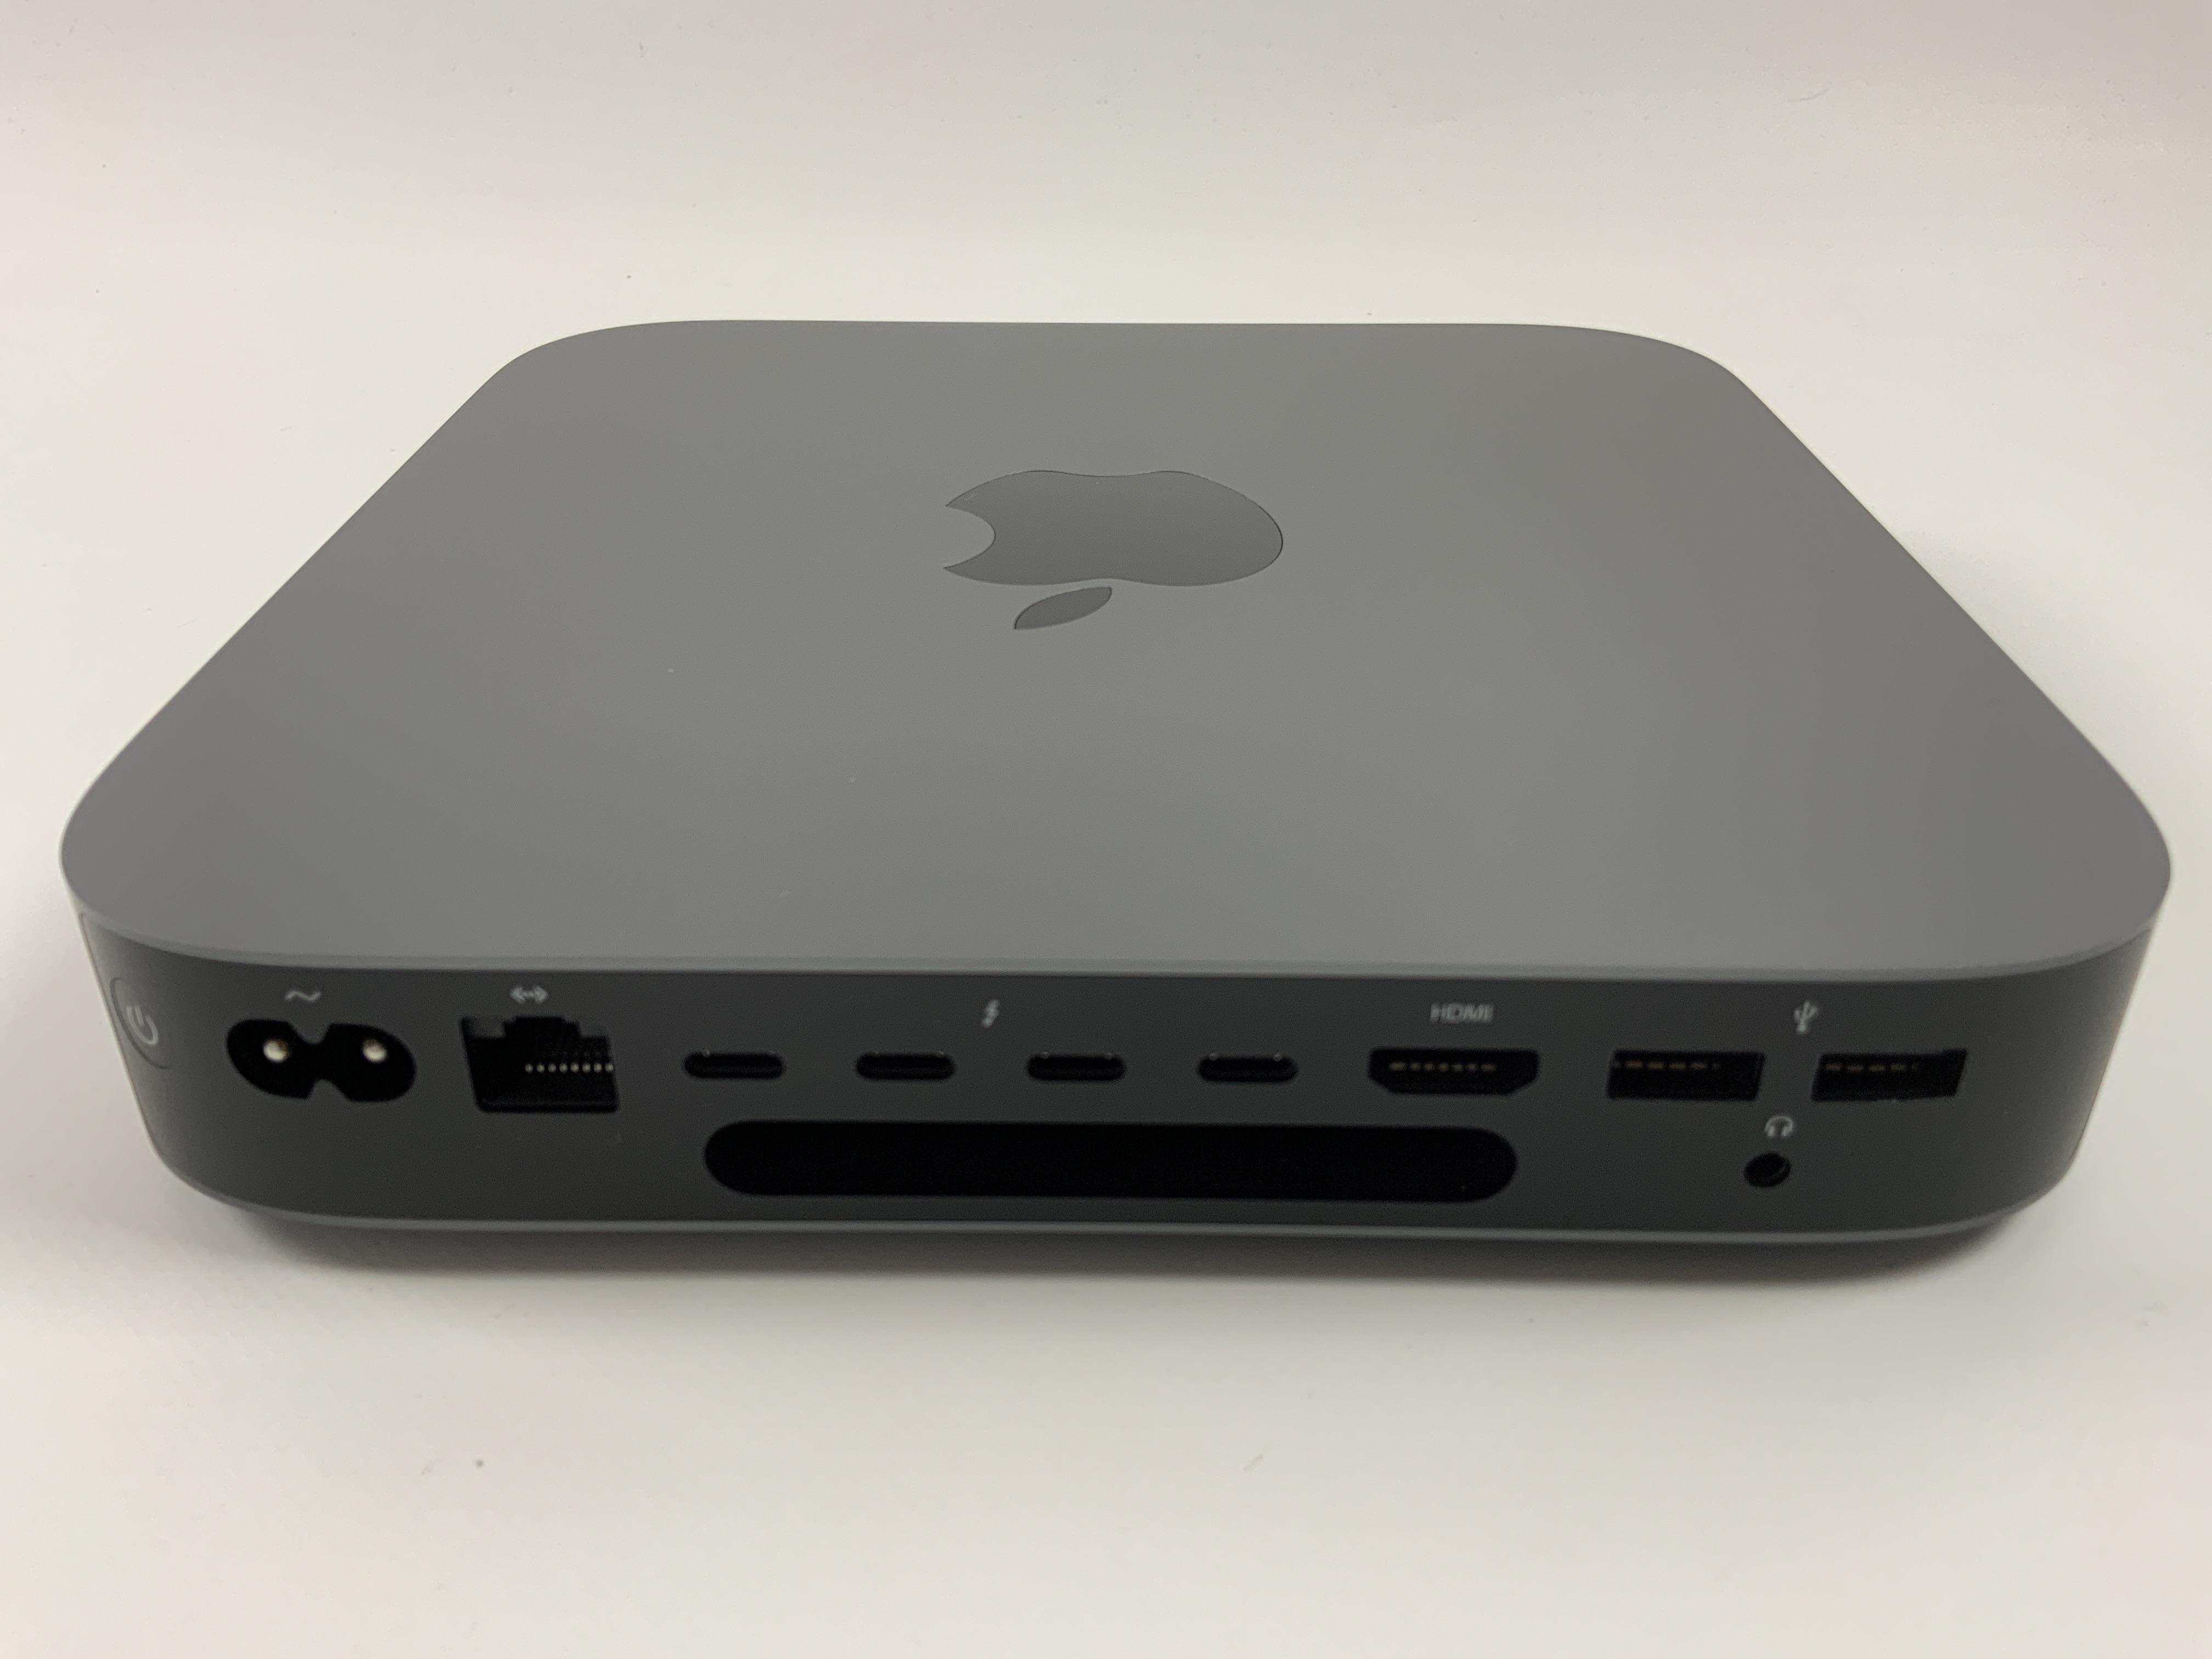 Mac Mini Late 2018 (Intel 6-Core i5 3.0 GHz 32 GB RAM 256 GB SSD), Intel 6-Core i5 3.0 GHz, 32 GB RAM, 256 GB SSD, image 3